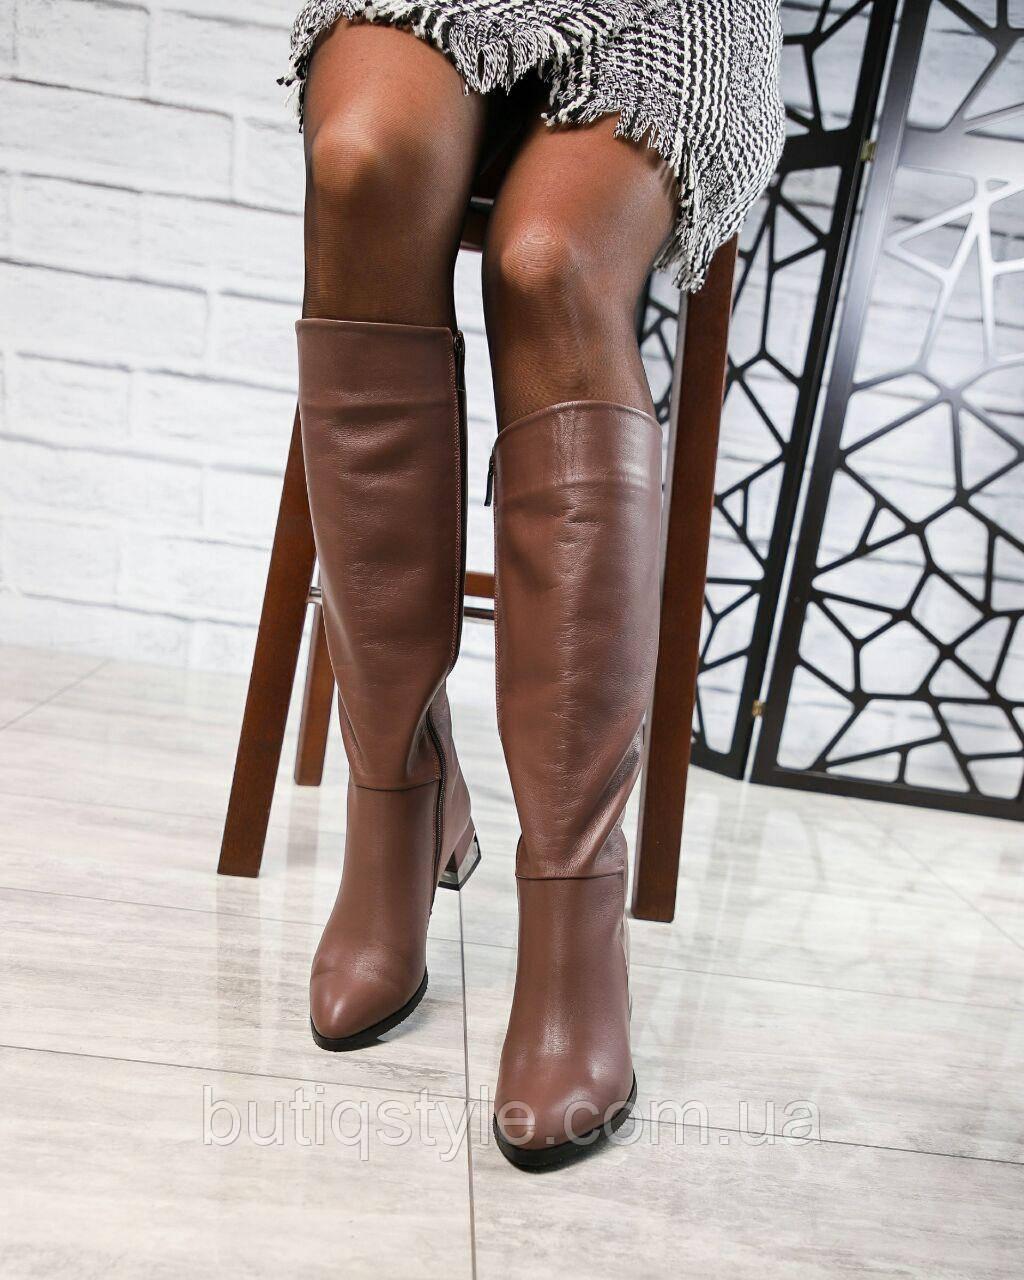 Женские сапоги  темная пудра на каблукенатуральная кожа Деми